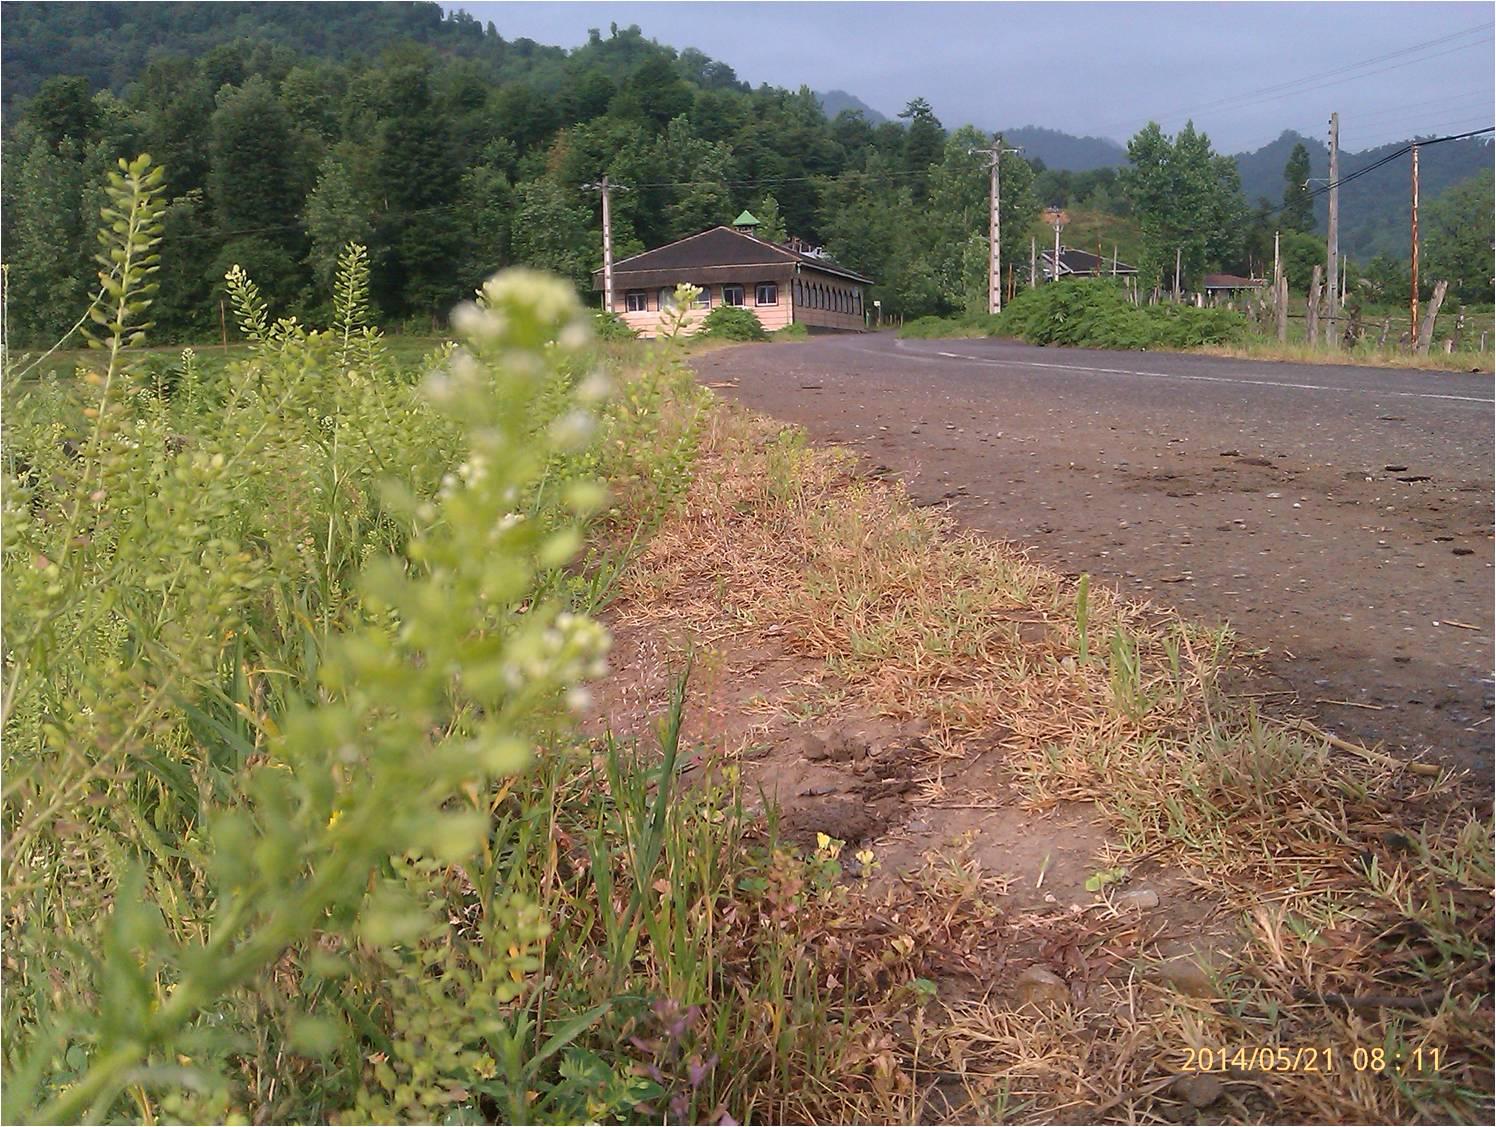 جاده بهاری روستای شولم